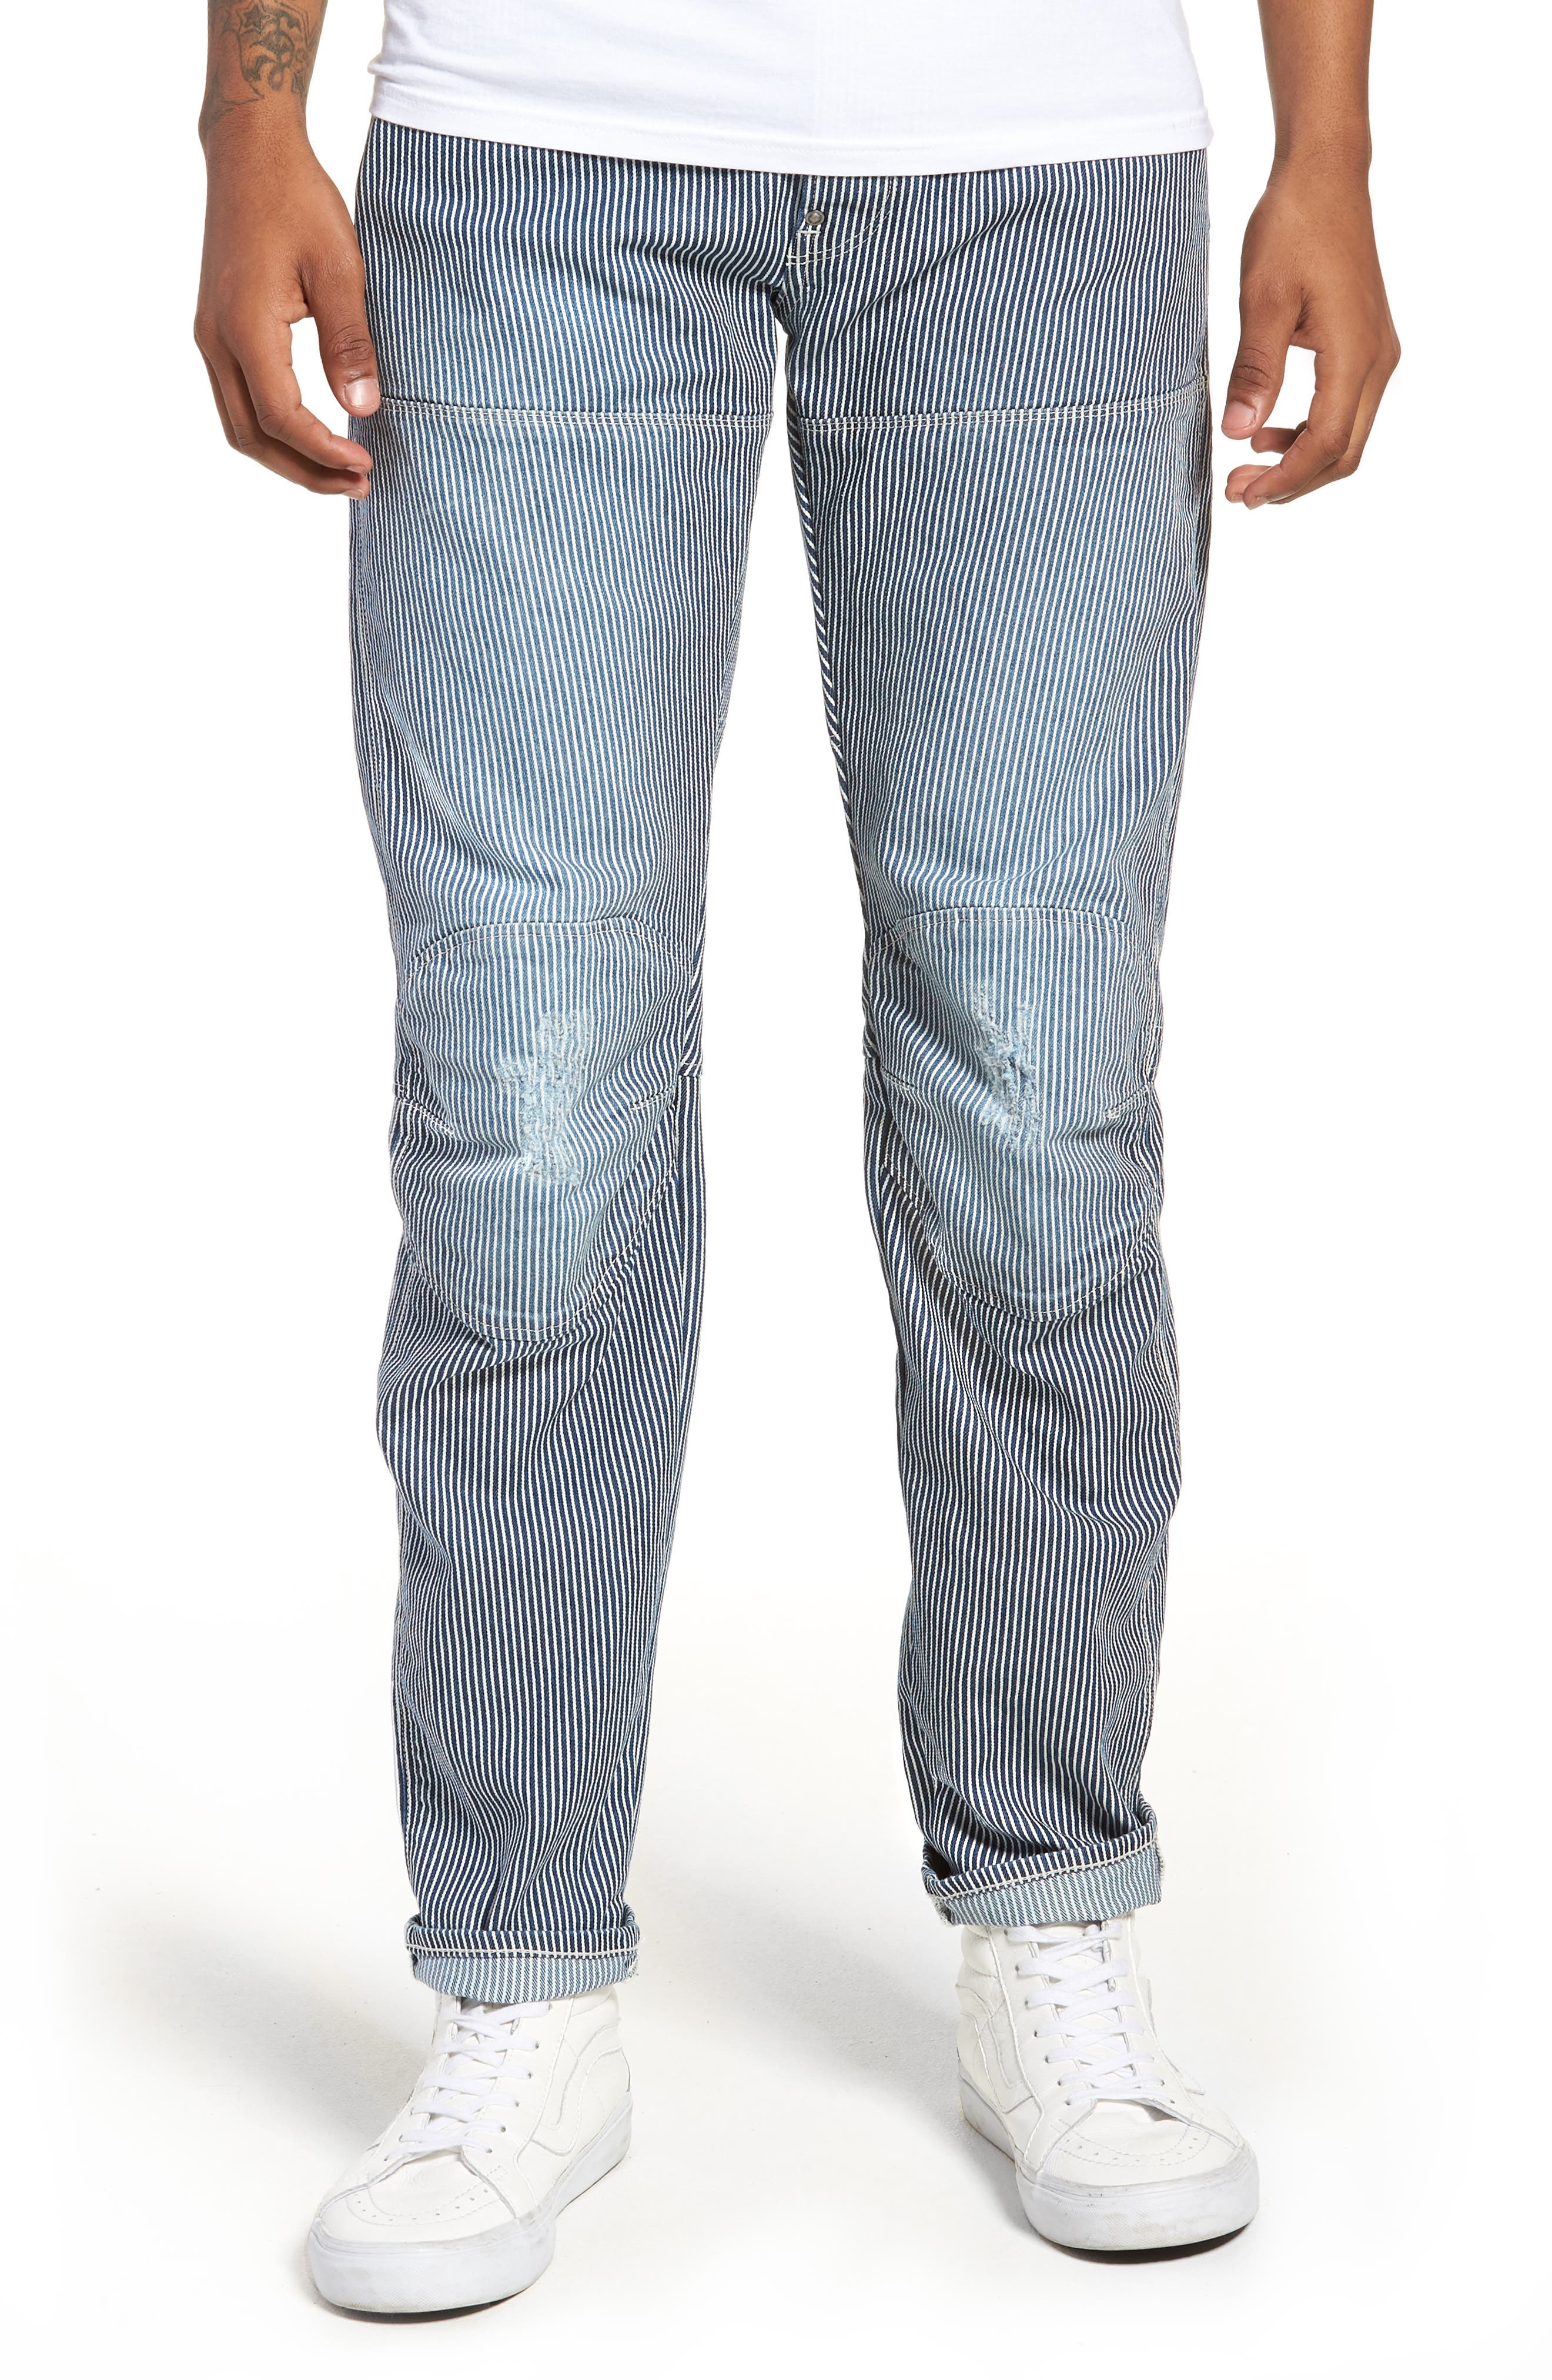 3D Slim Pants,                             Main thumbnail 1, color,                             Medium Aged Destroy